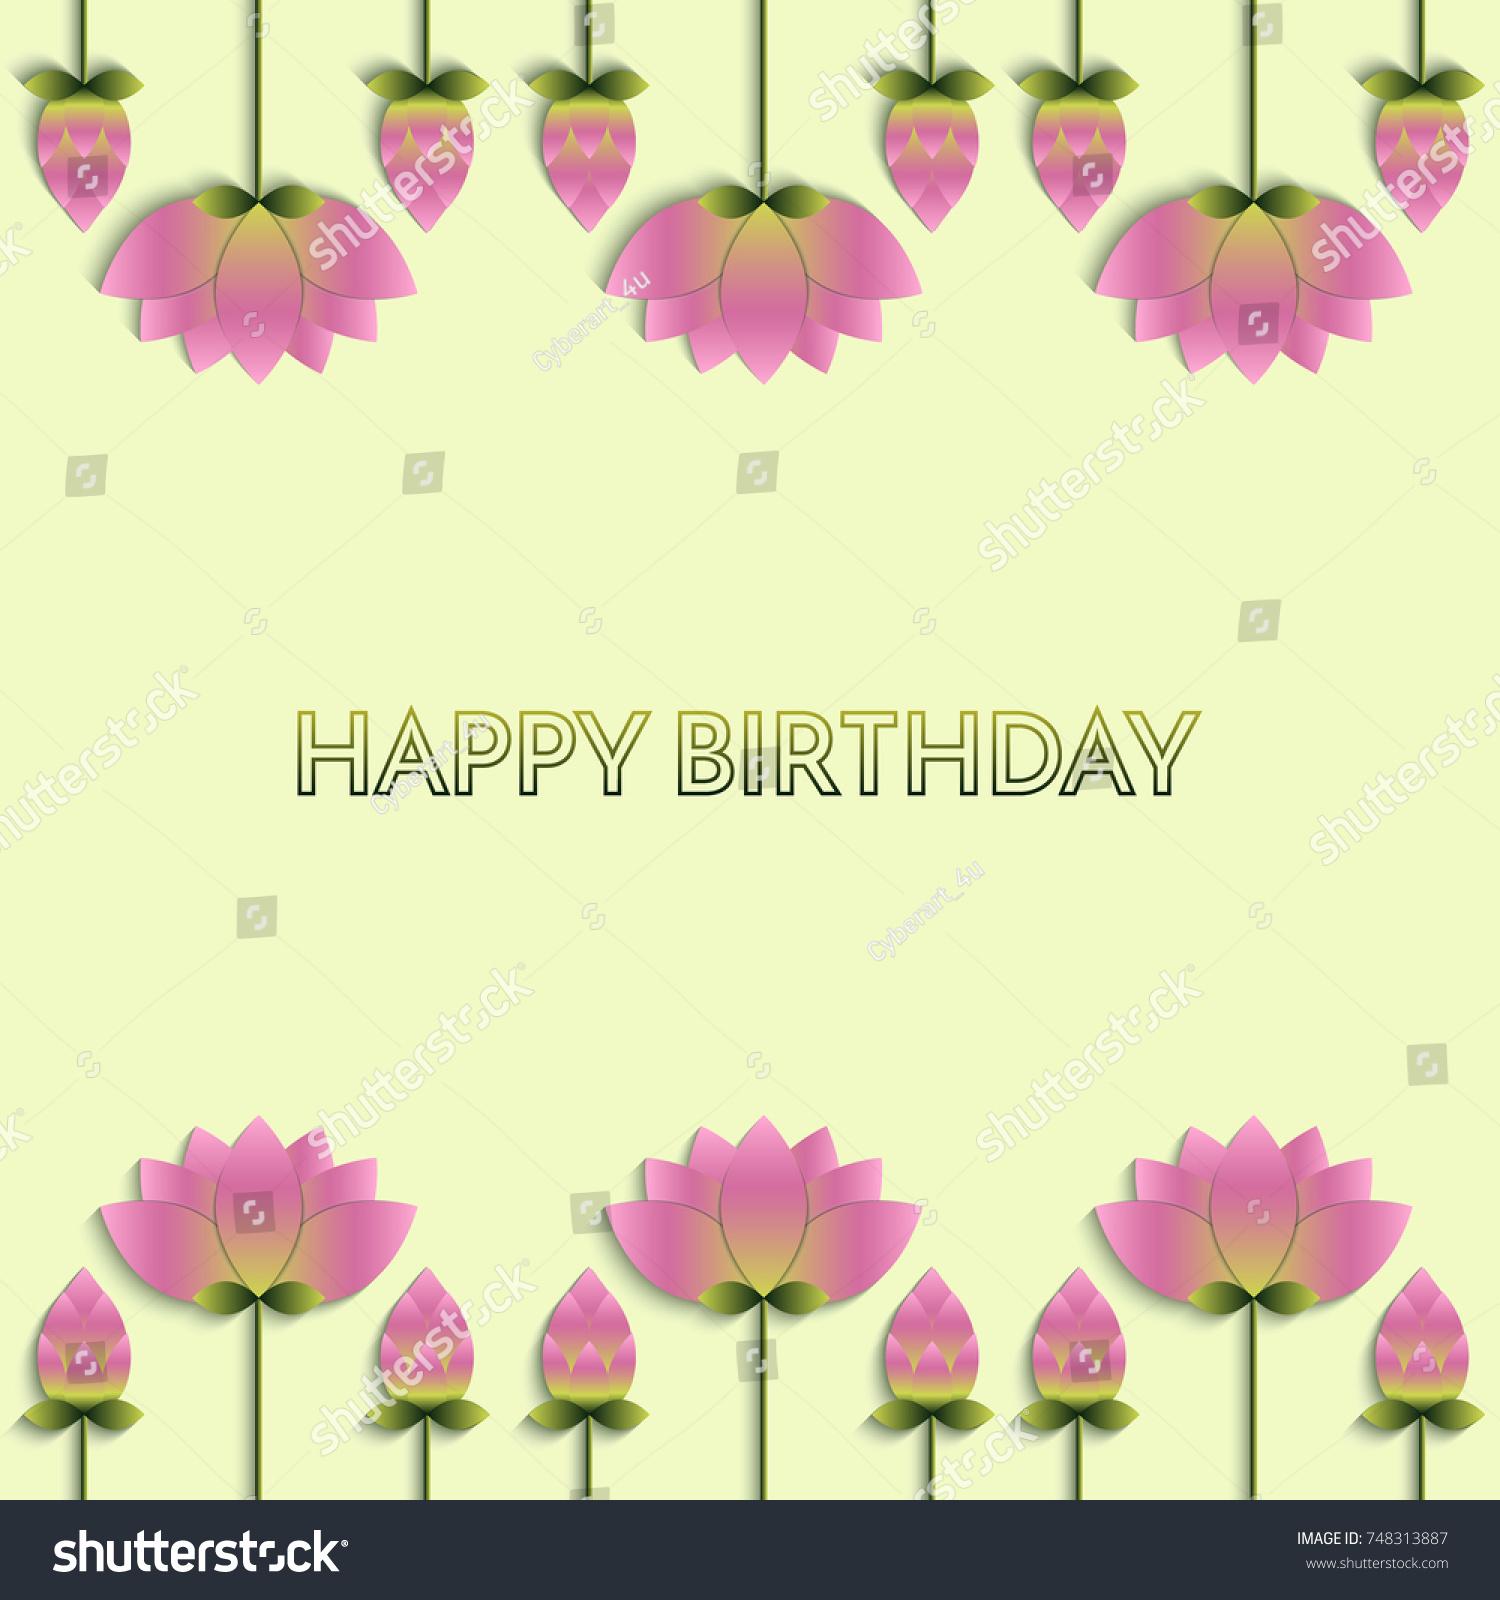 Happy birthday lotus flowers stock vector royalty free 748313887 happy birthday and lotus flowers izmirmasajfo